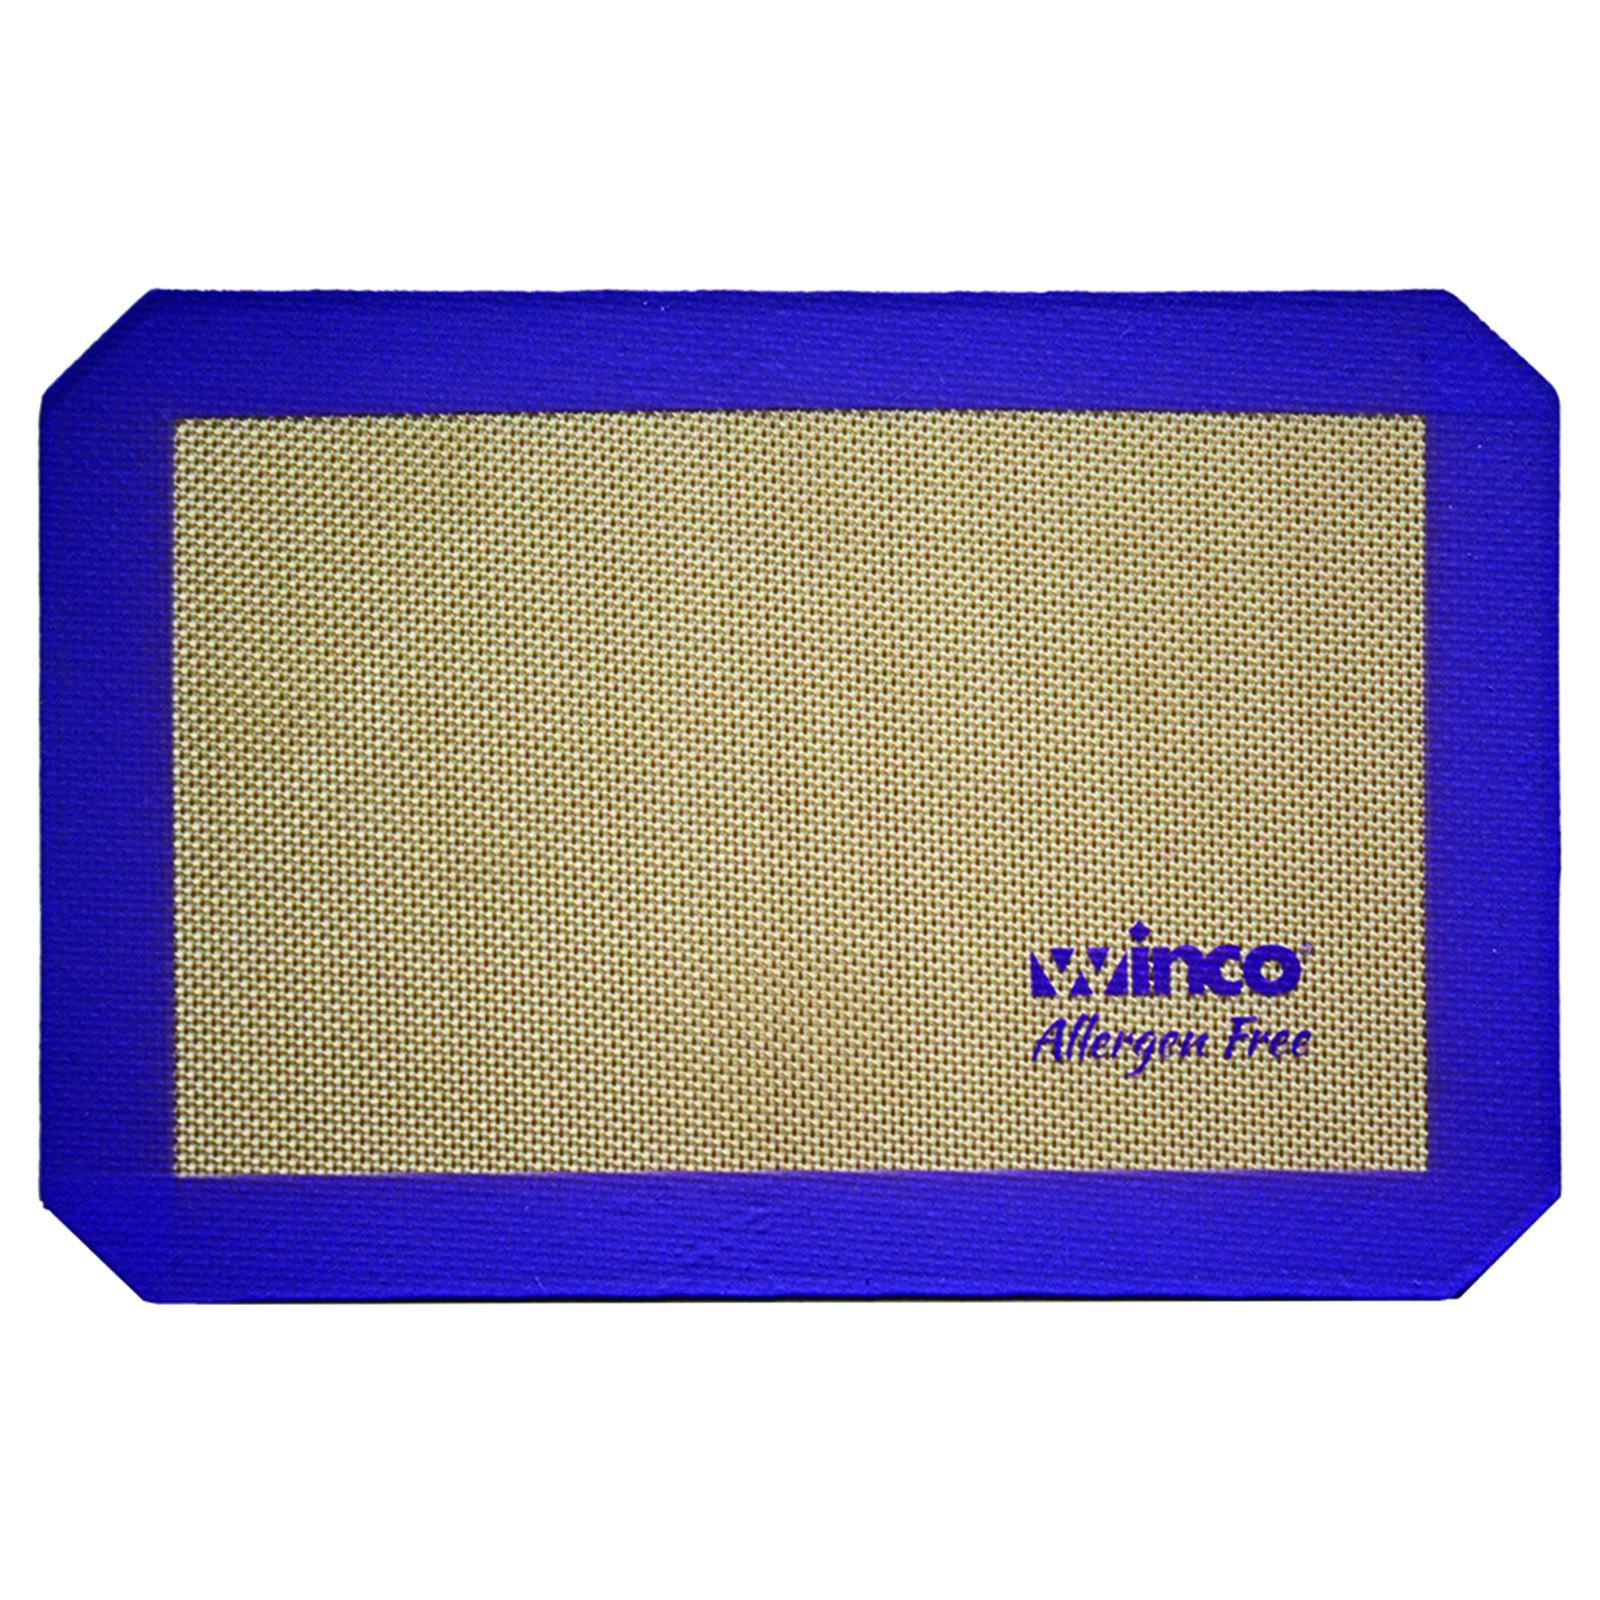 Winco SBS-11PP baking mat